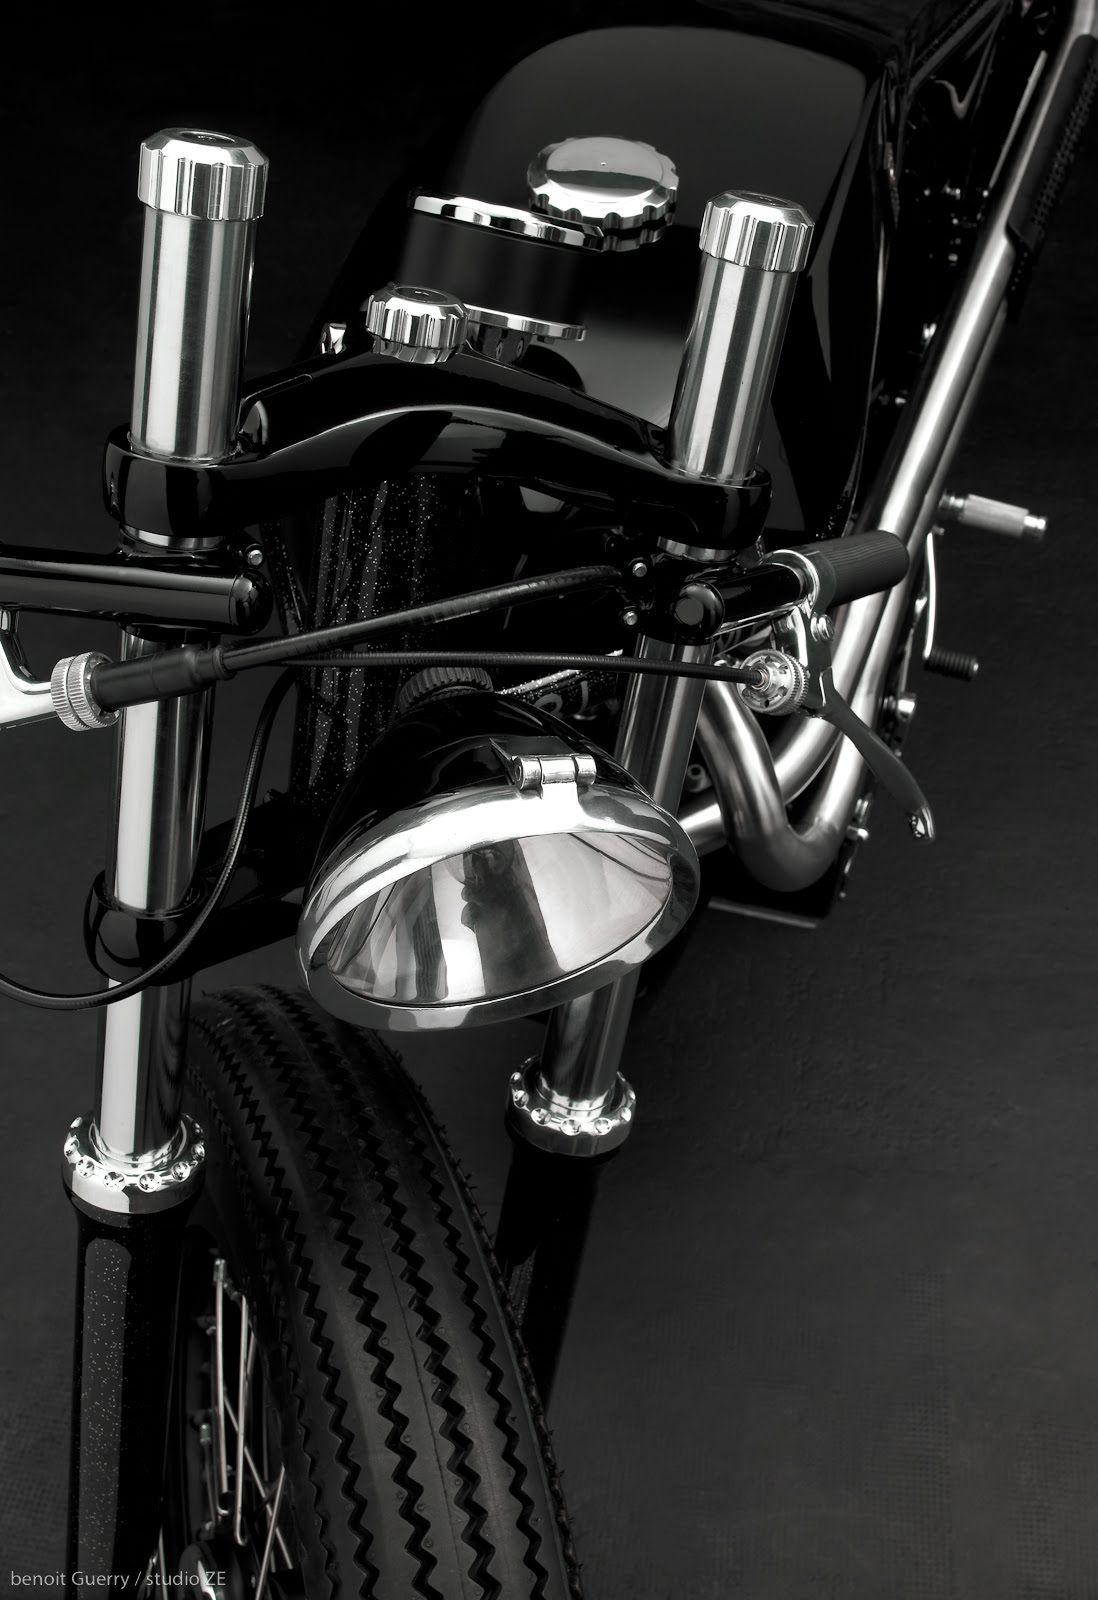 Top 5 Triton motorcycles